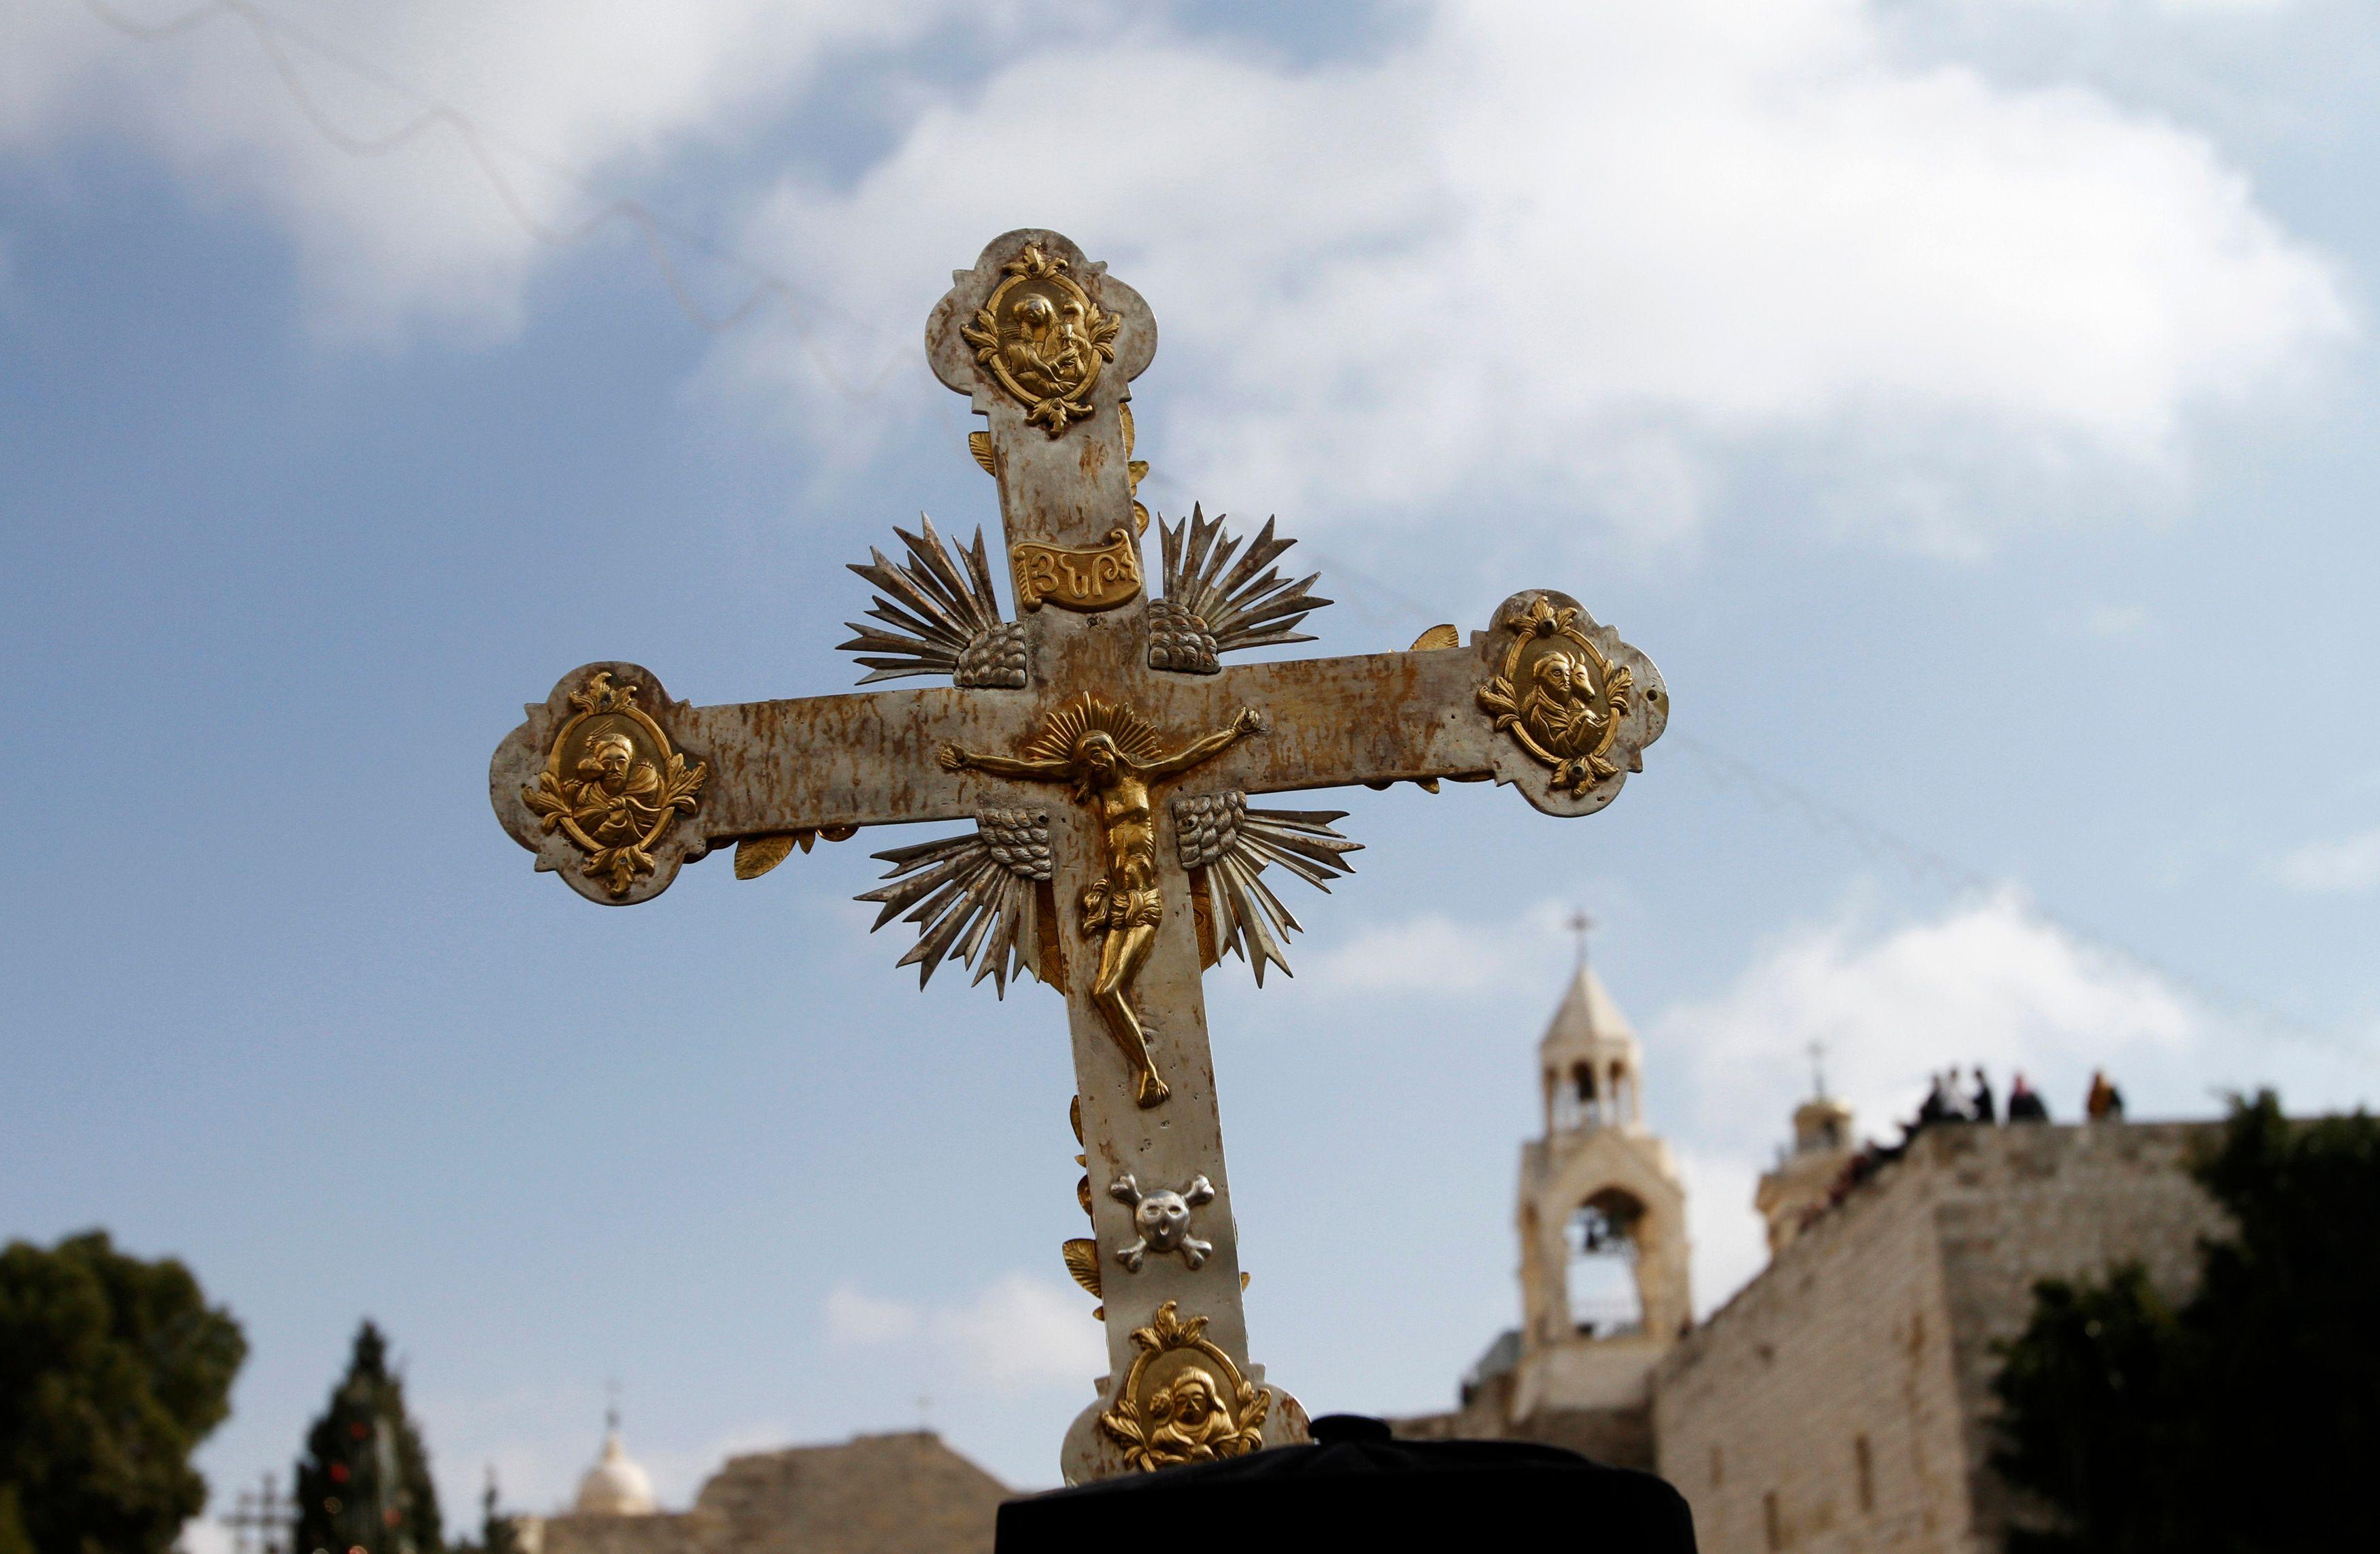 La supression de fêtes chrétiennes implique une substitution de culture en France.